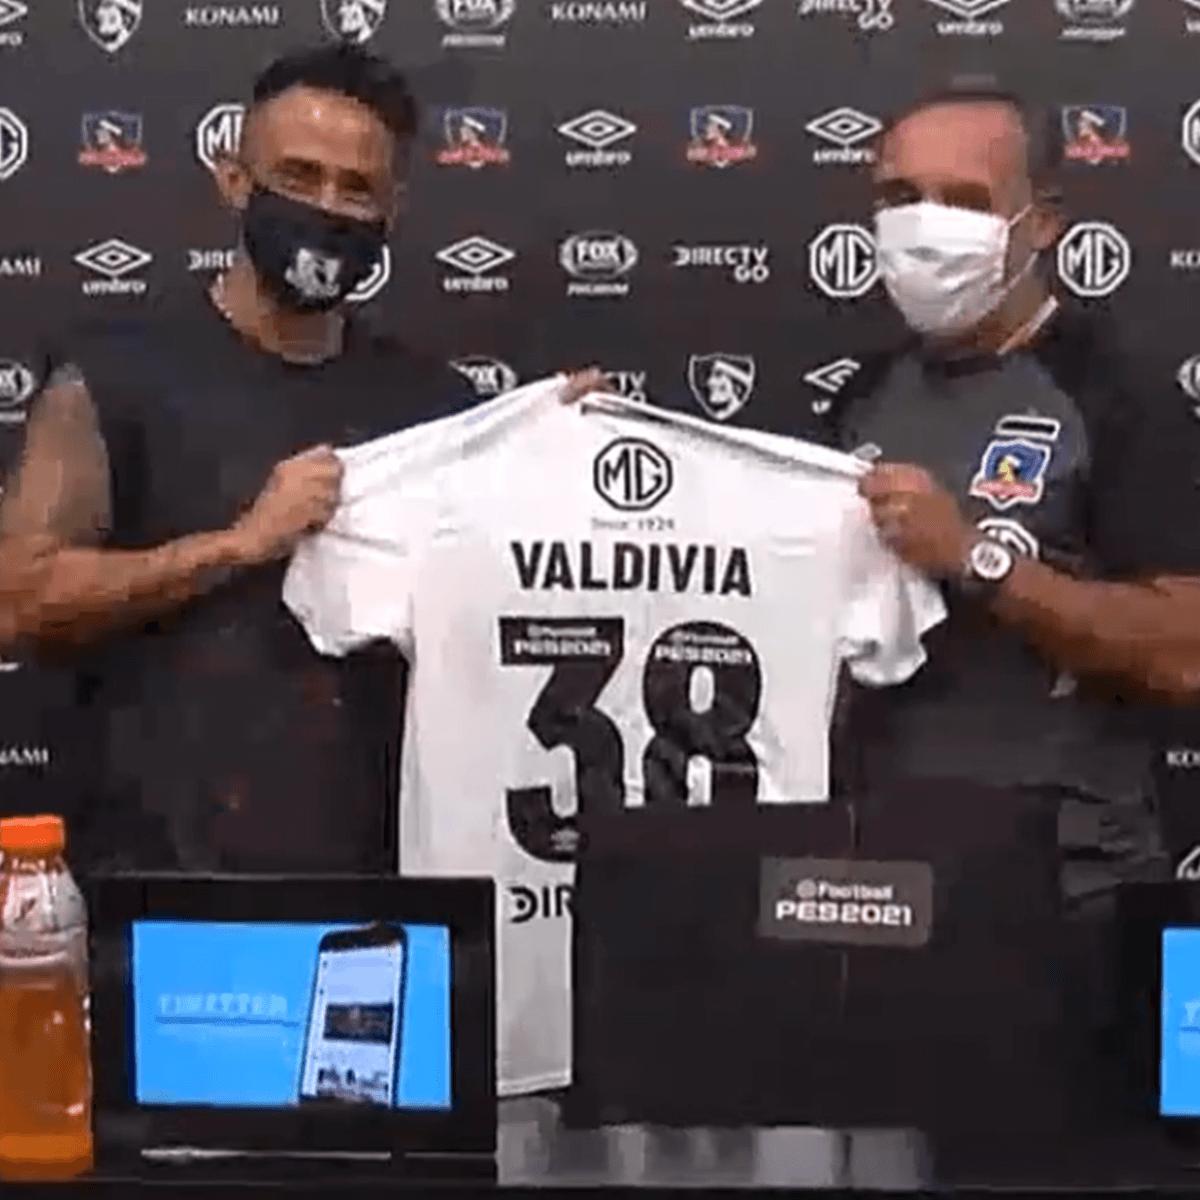 Colo Colo: La historia desconocida de Jorge Valdivia y la camiseta número 38 para su vuelta al Cacique | RedGol